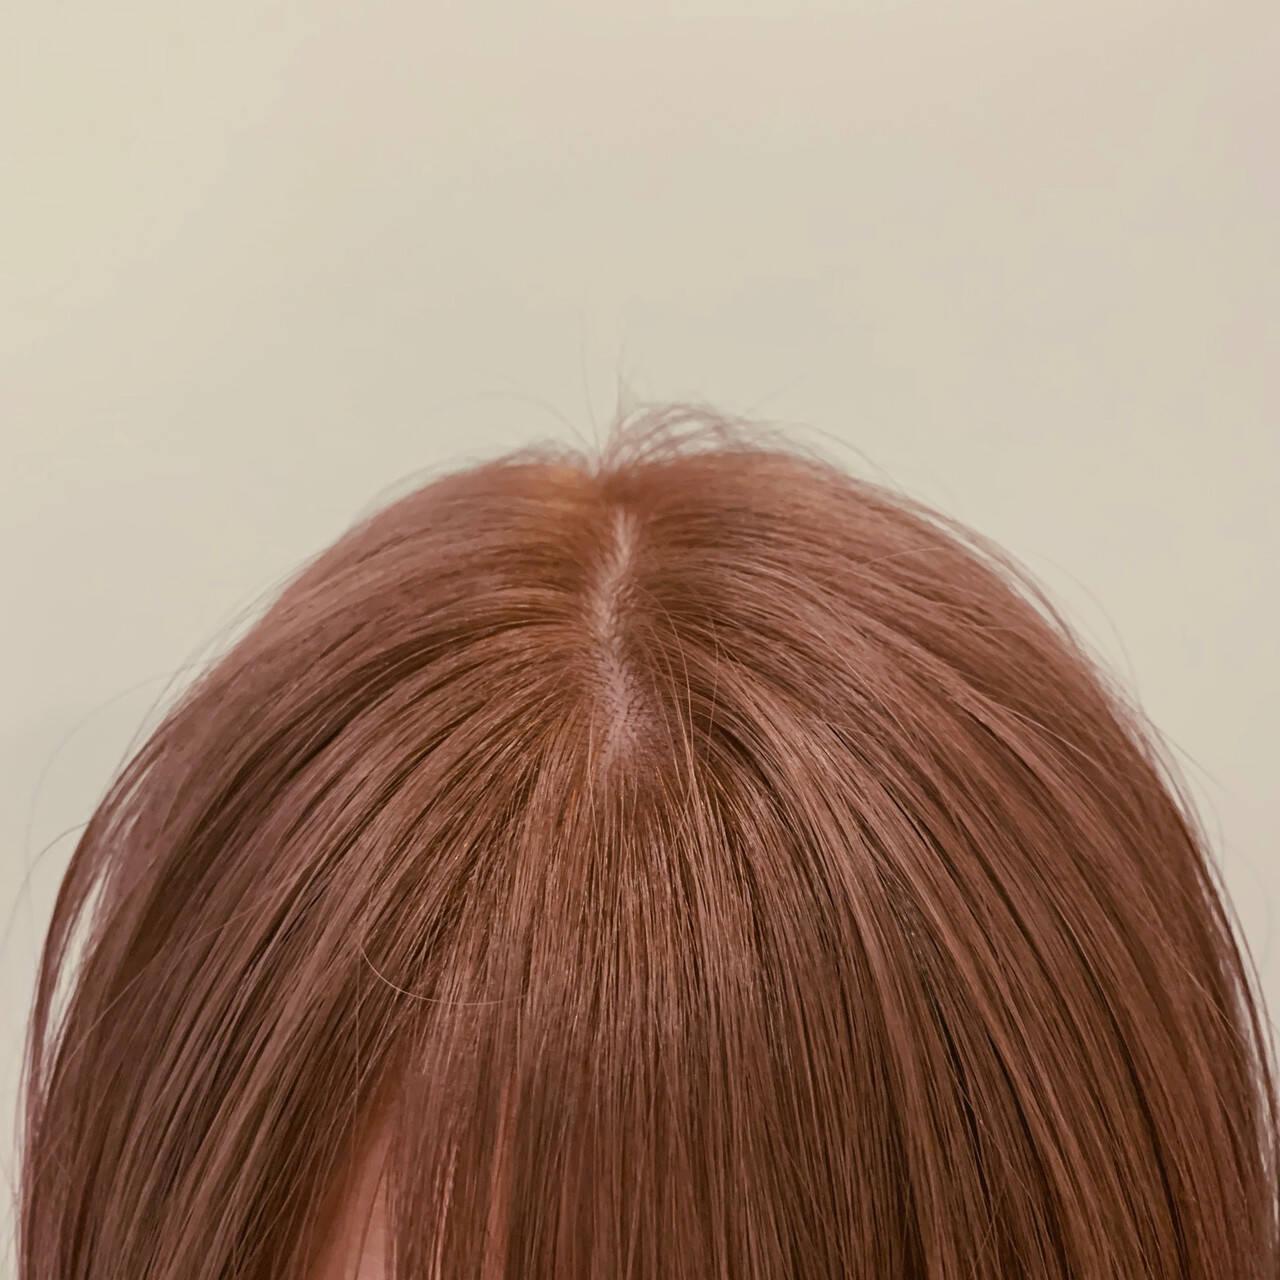 ハイトーン ショートボブ ナチュラル ボブヘアスタイルや髪型の写真・画像